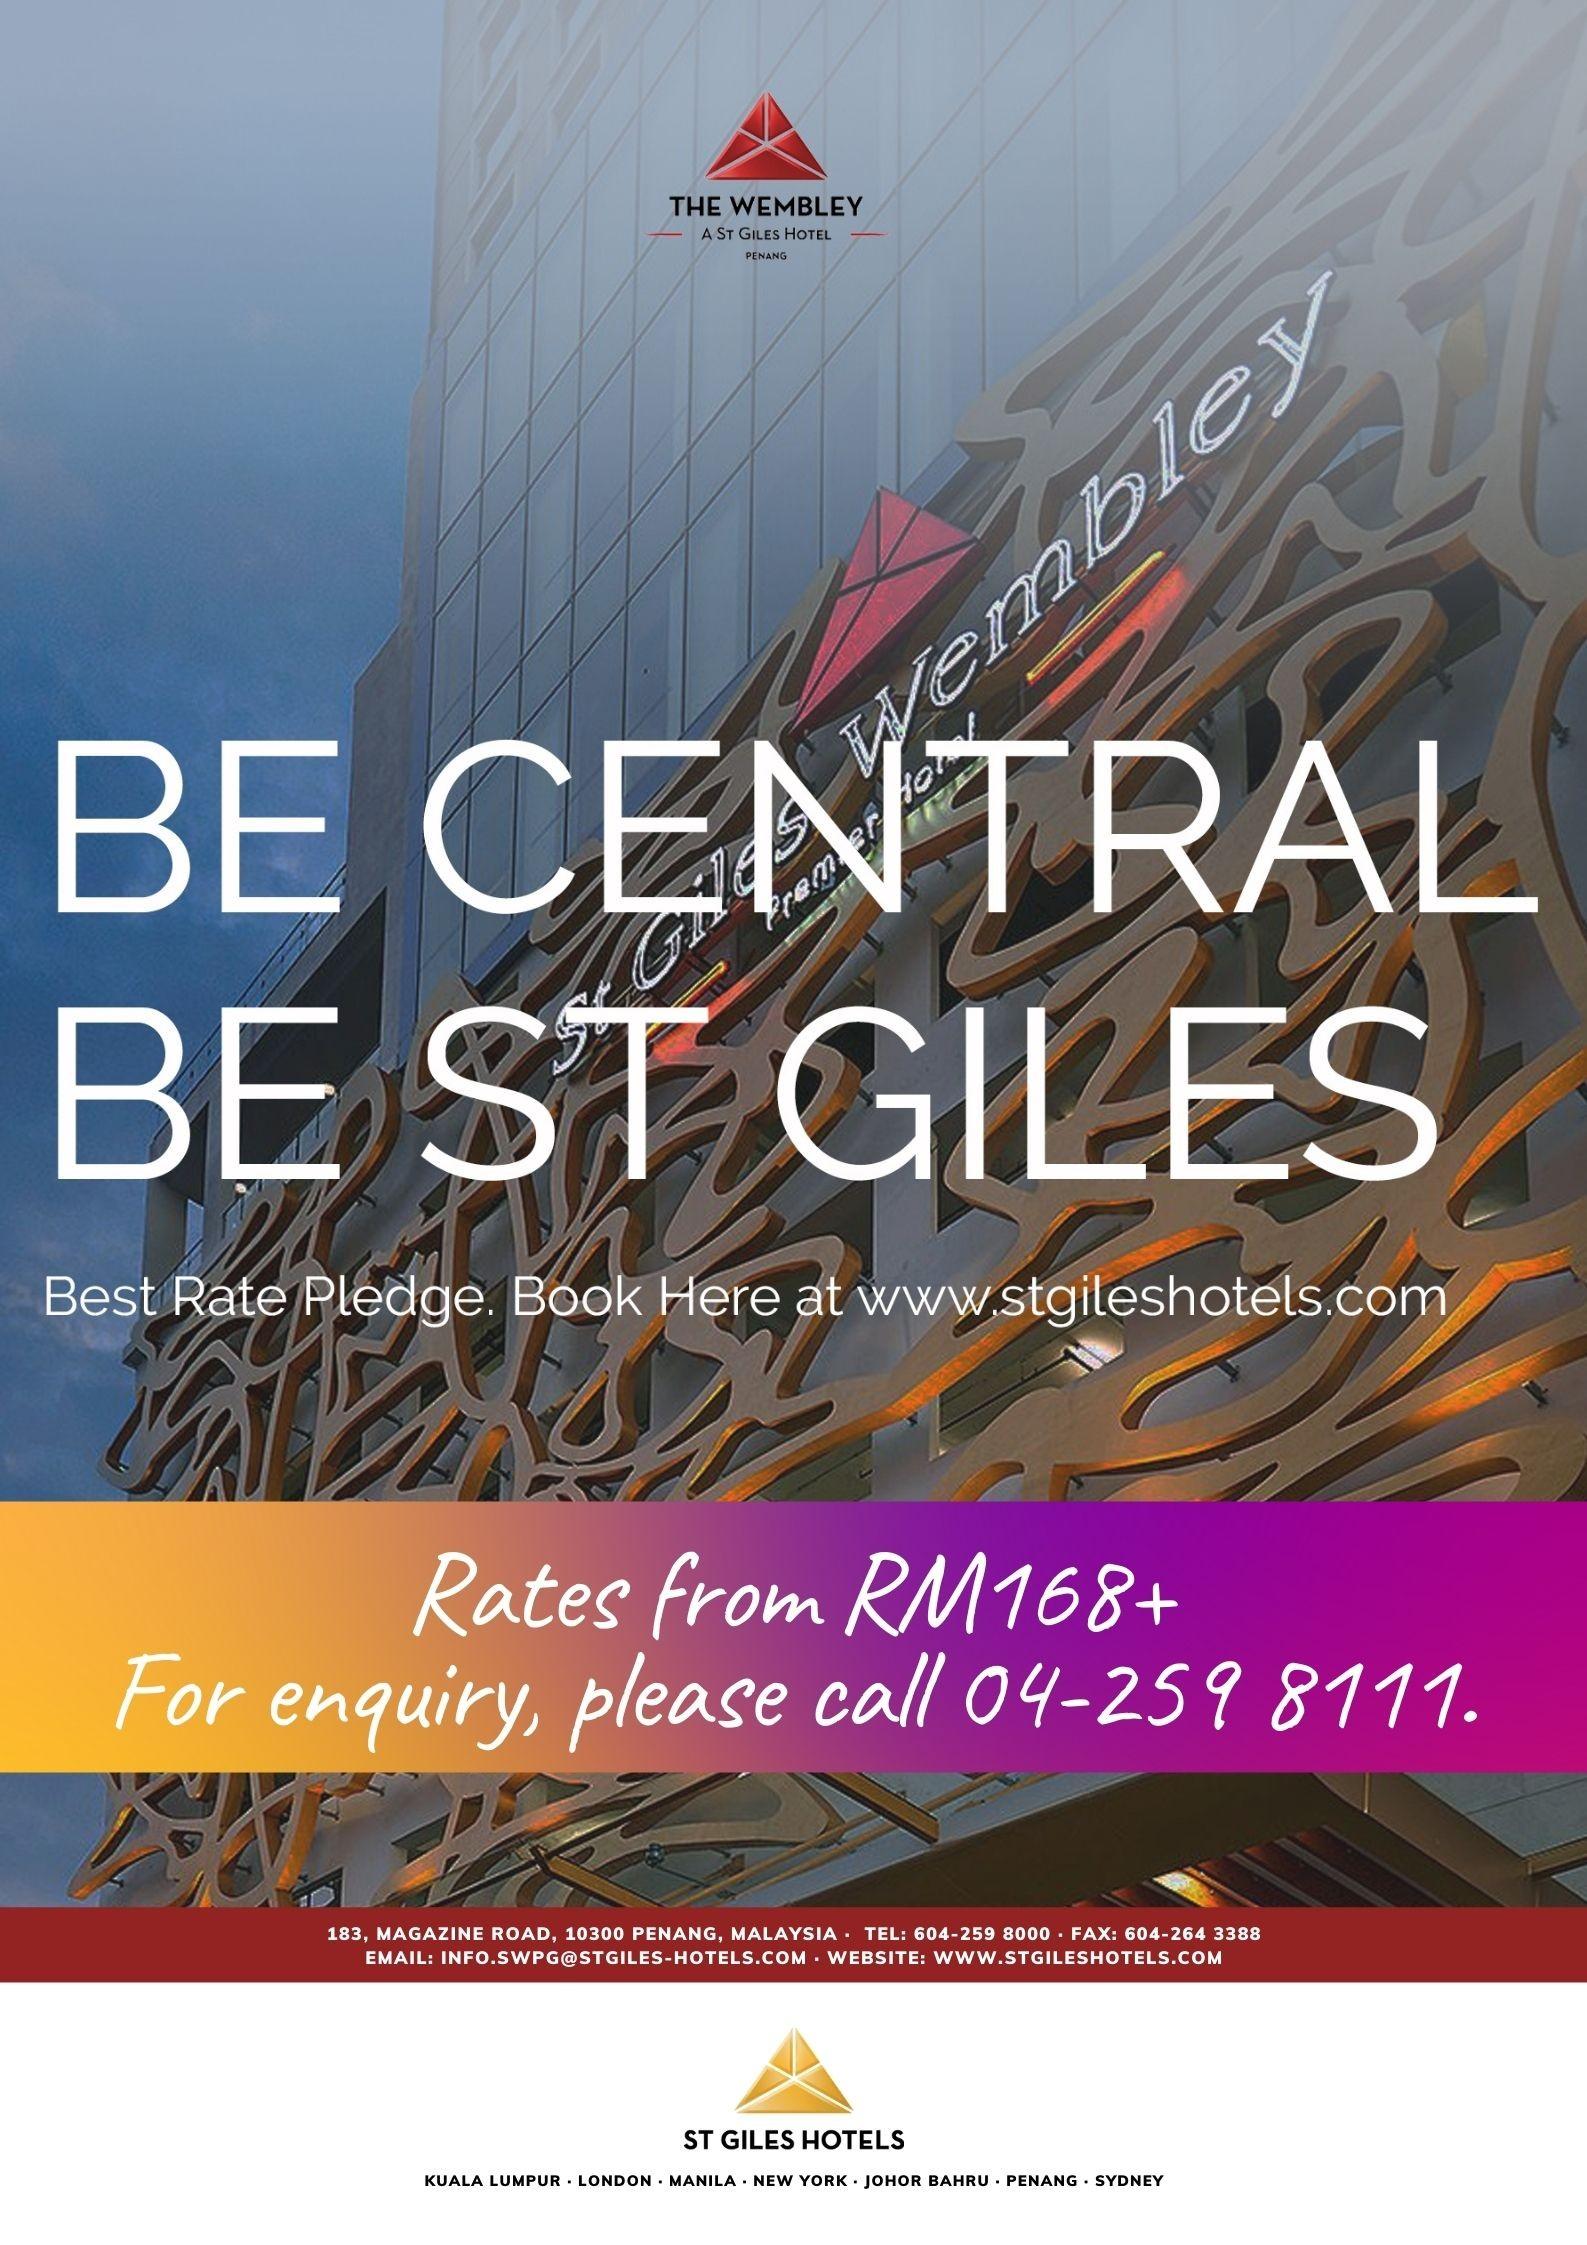 The Wembley - St Giles Hotel Penang